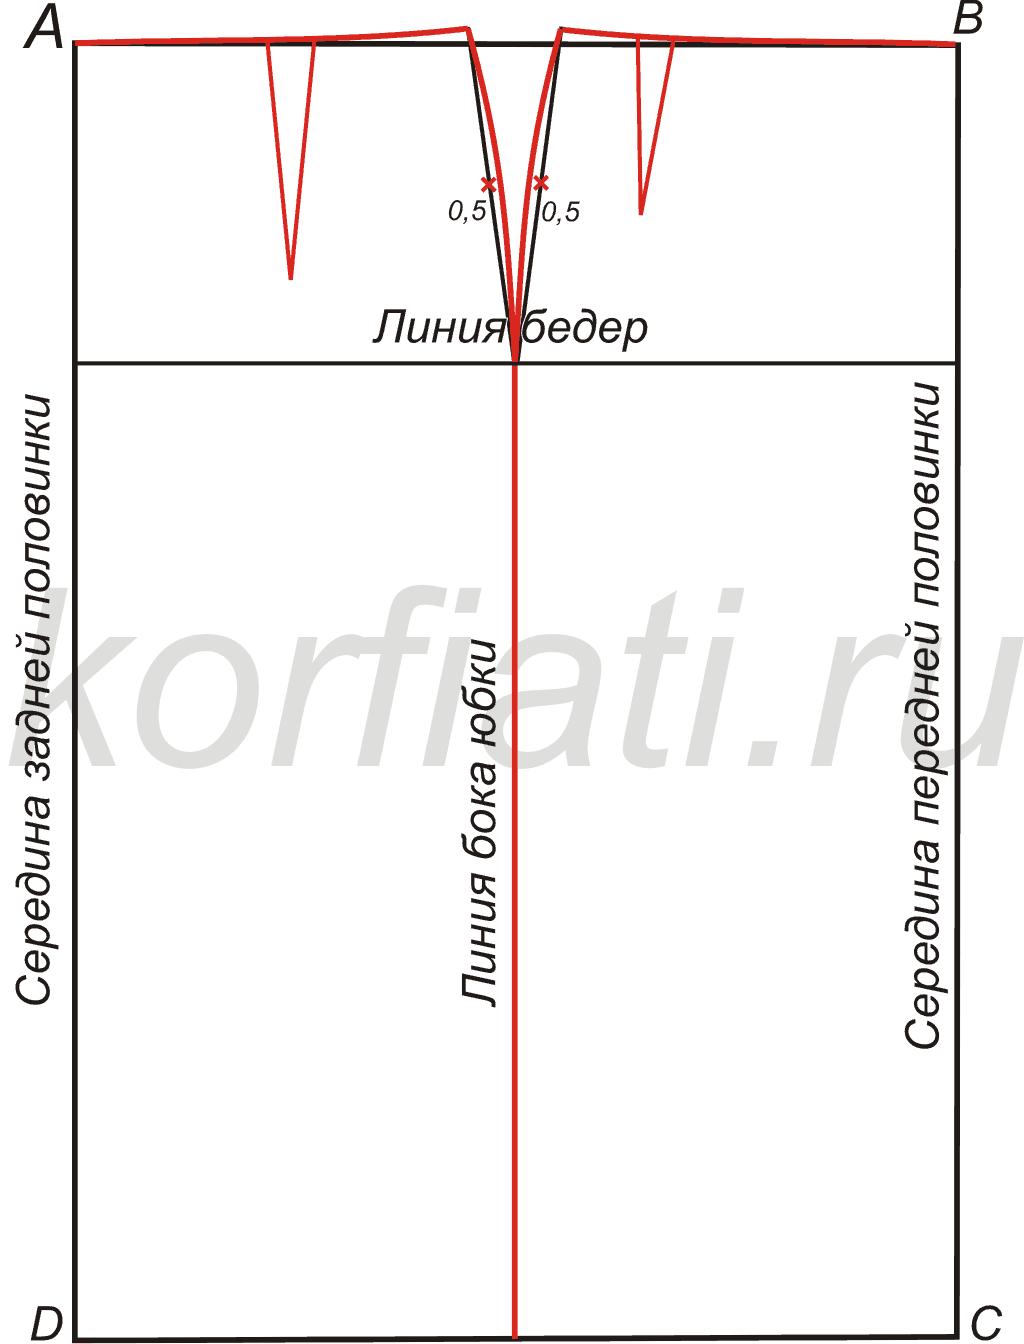 c7e9fbecf5d6ac0 Пошаговое построение выкройки юбки от А. Корфиати | Юбки | Sewing ...